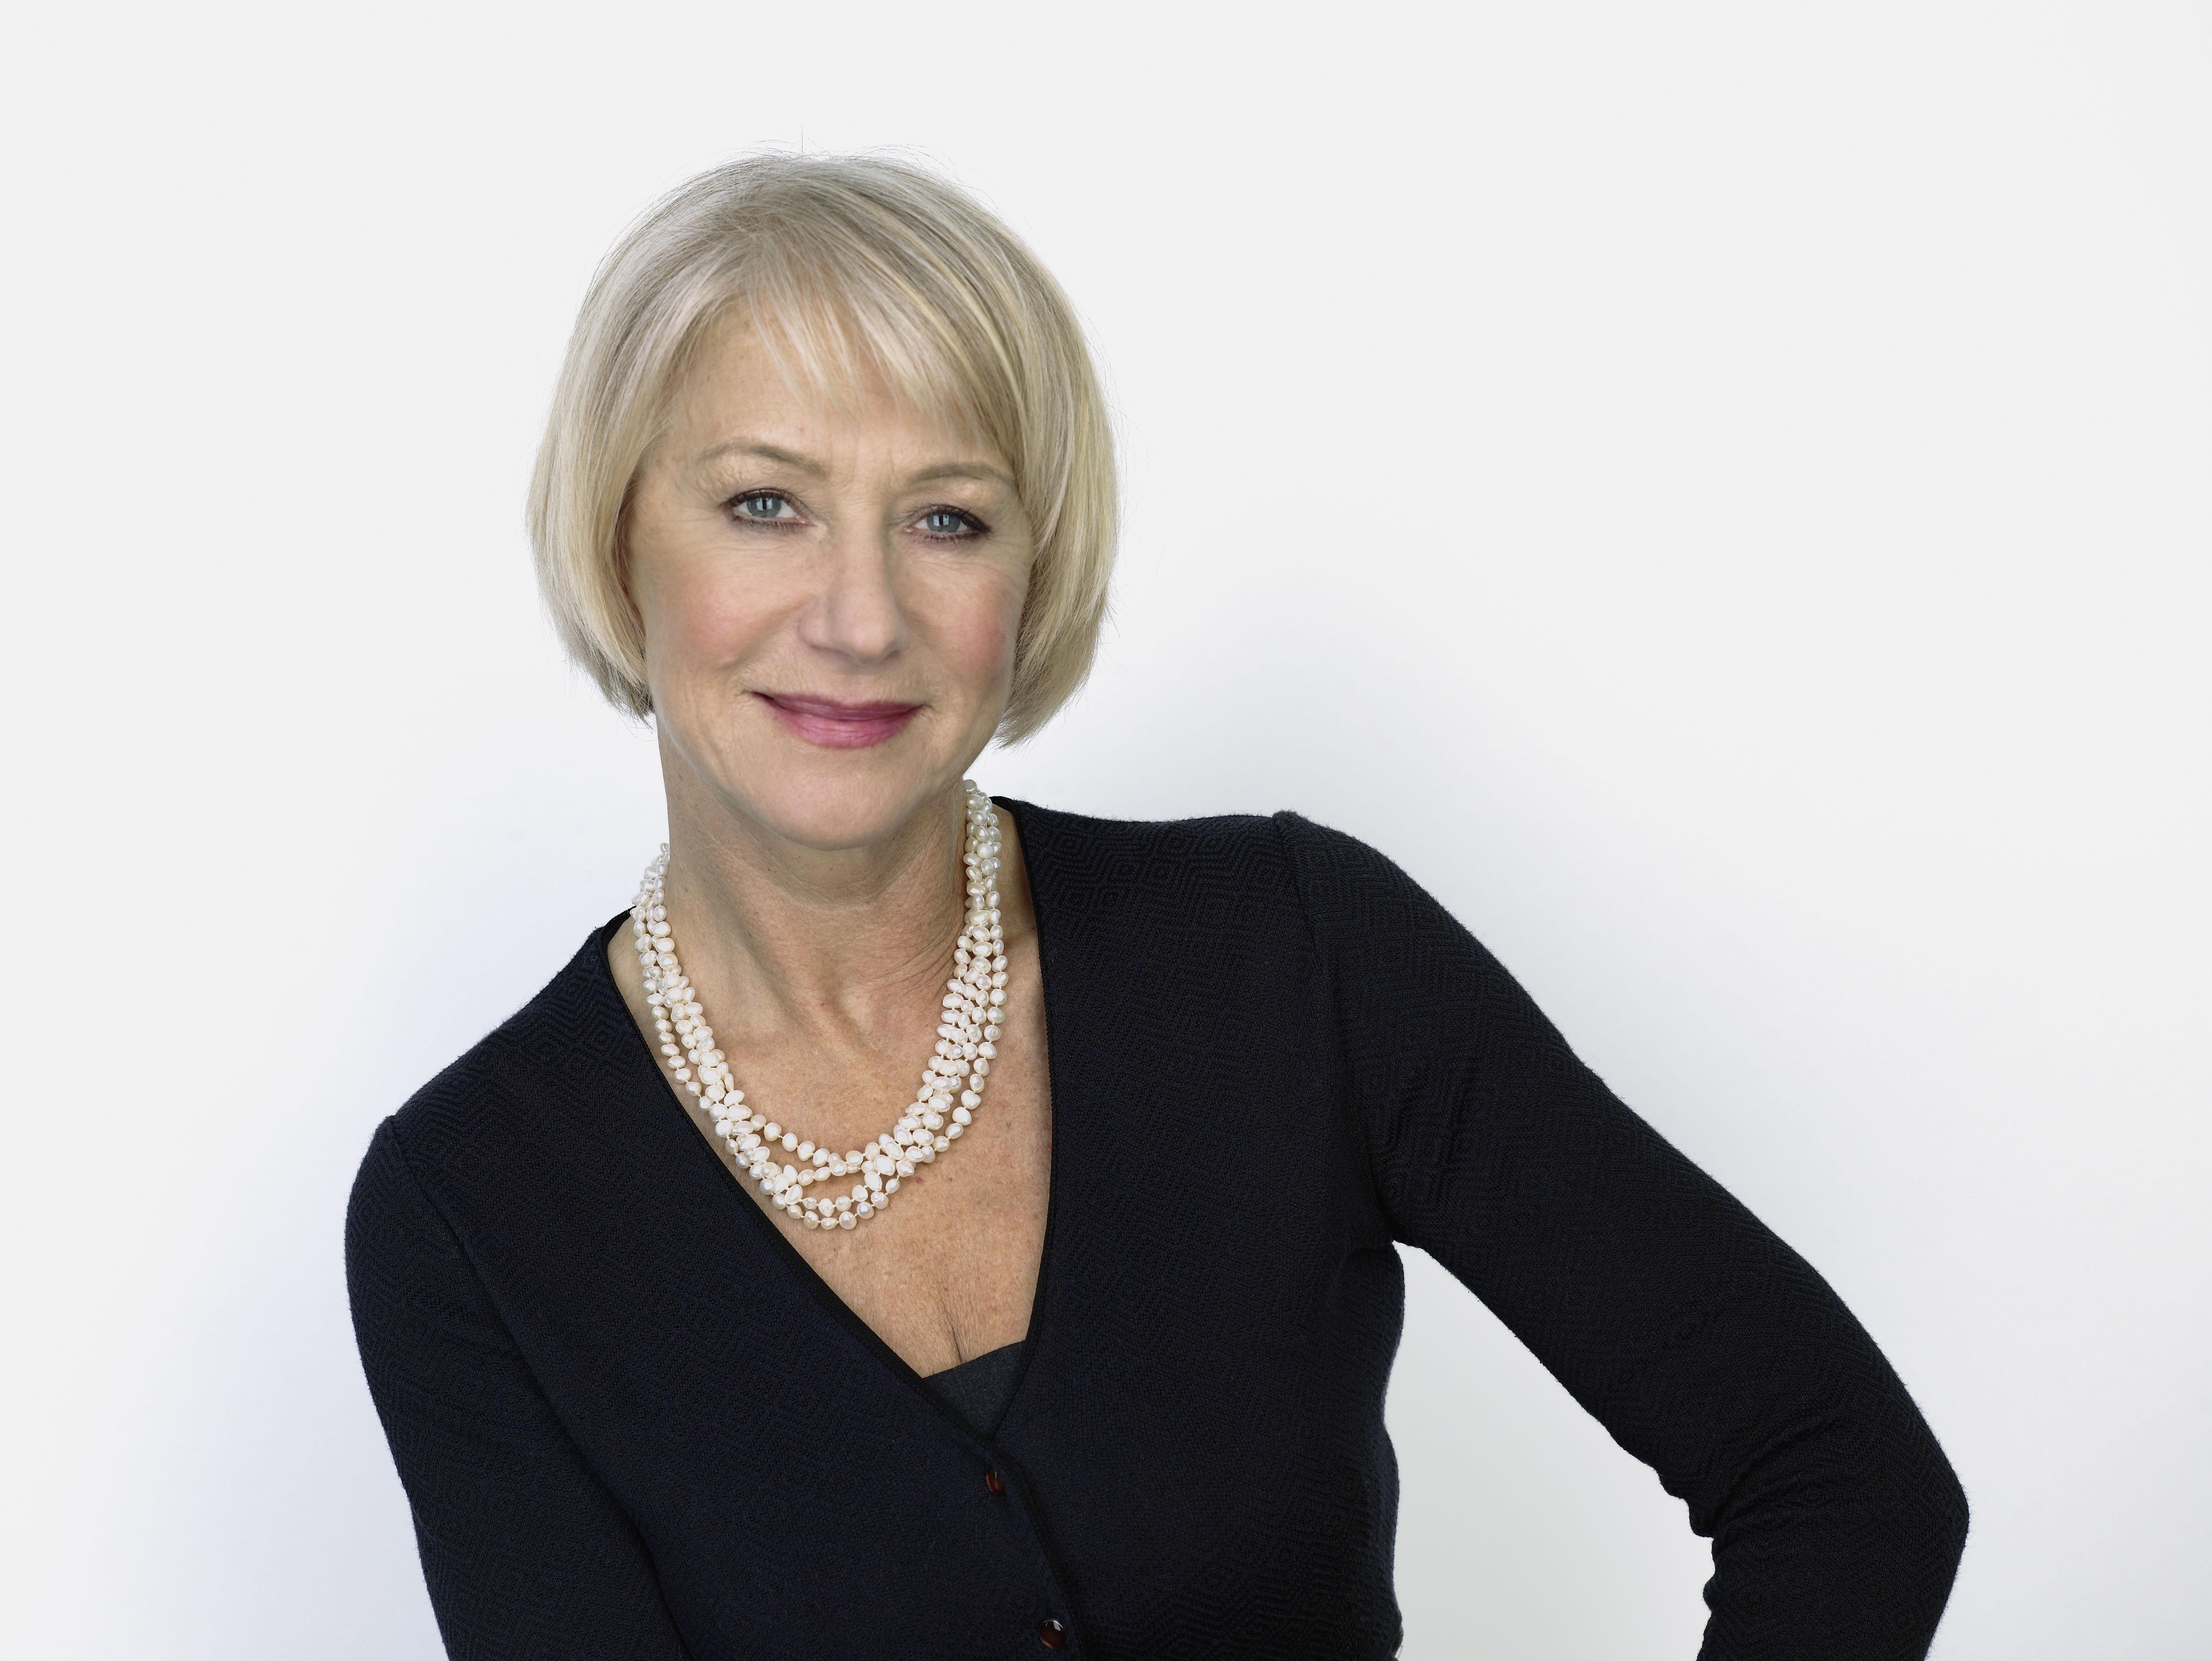 Helen Mirren Images